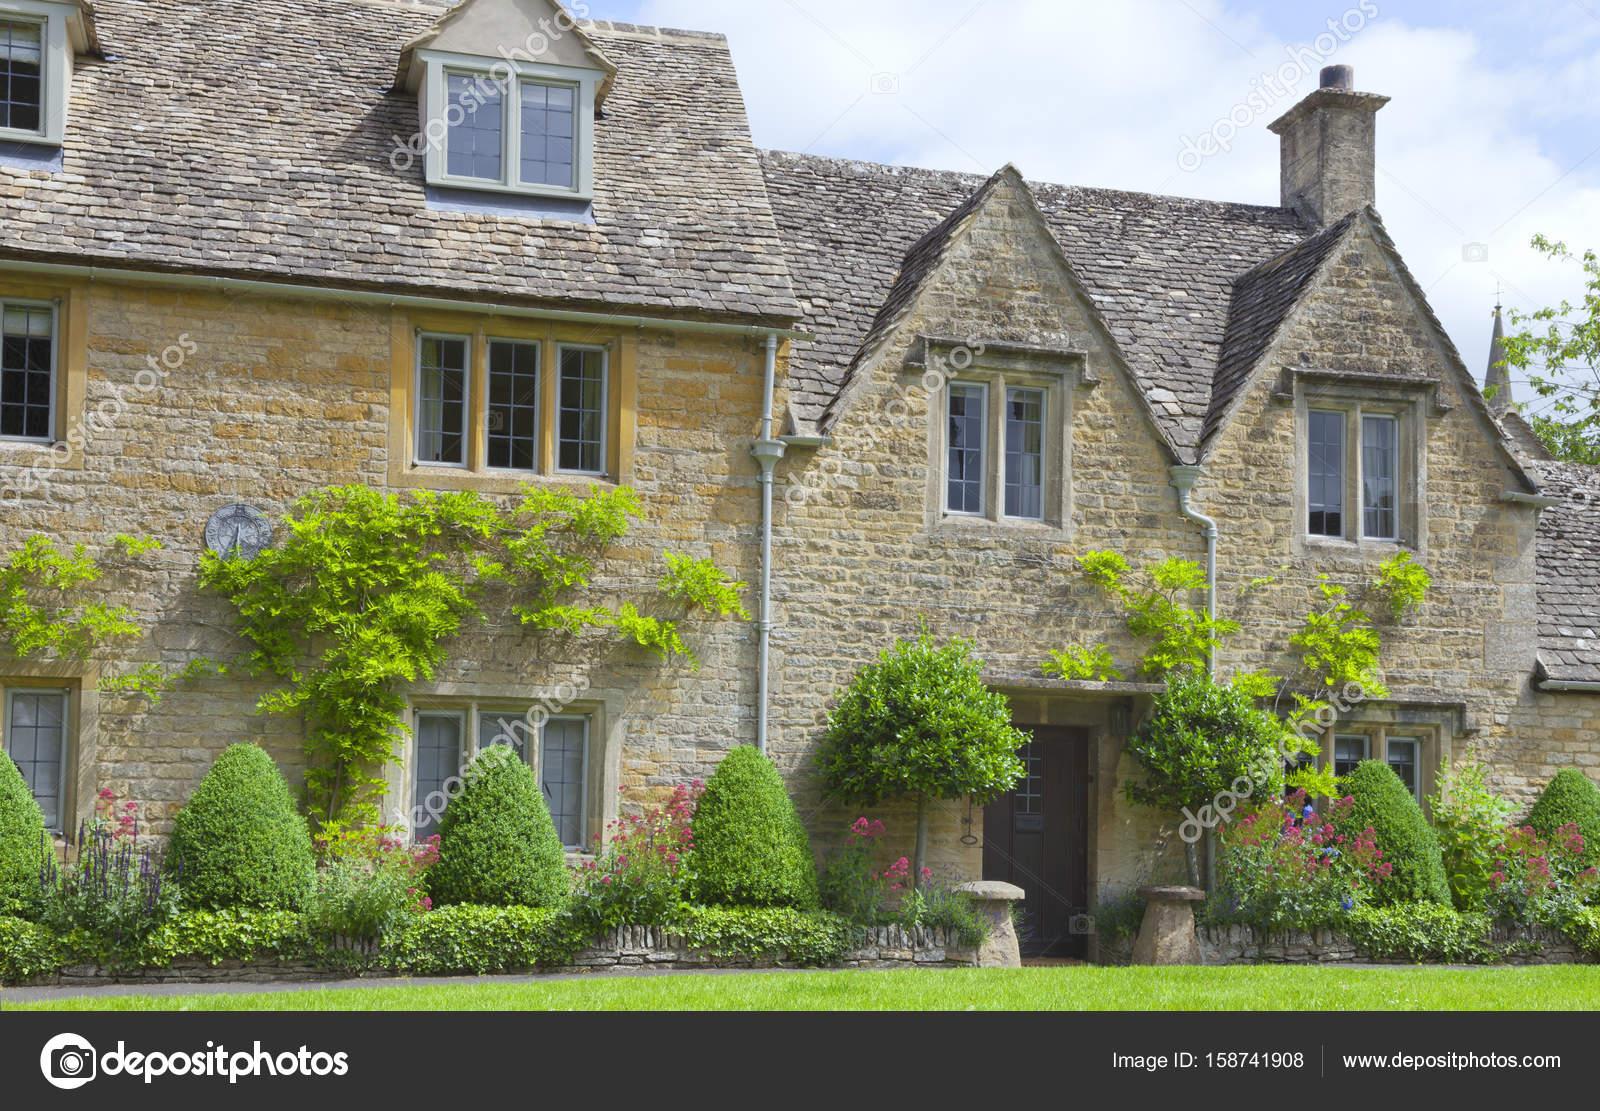 Ingl s de piedra casas rurales con jard n en el frente de for Jardines de casas rurales